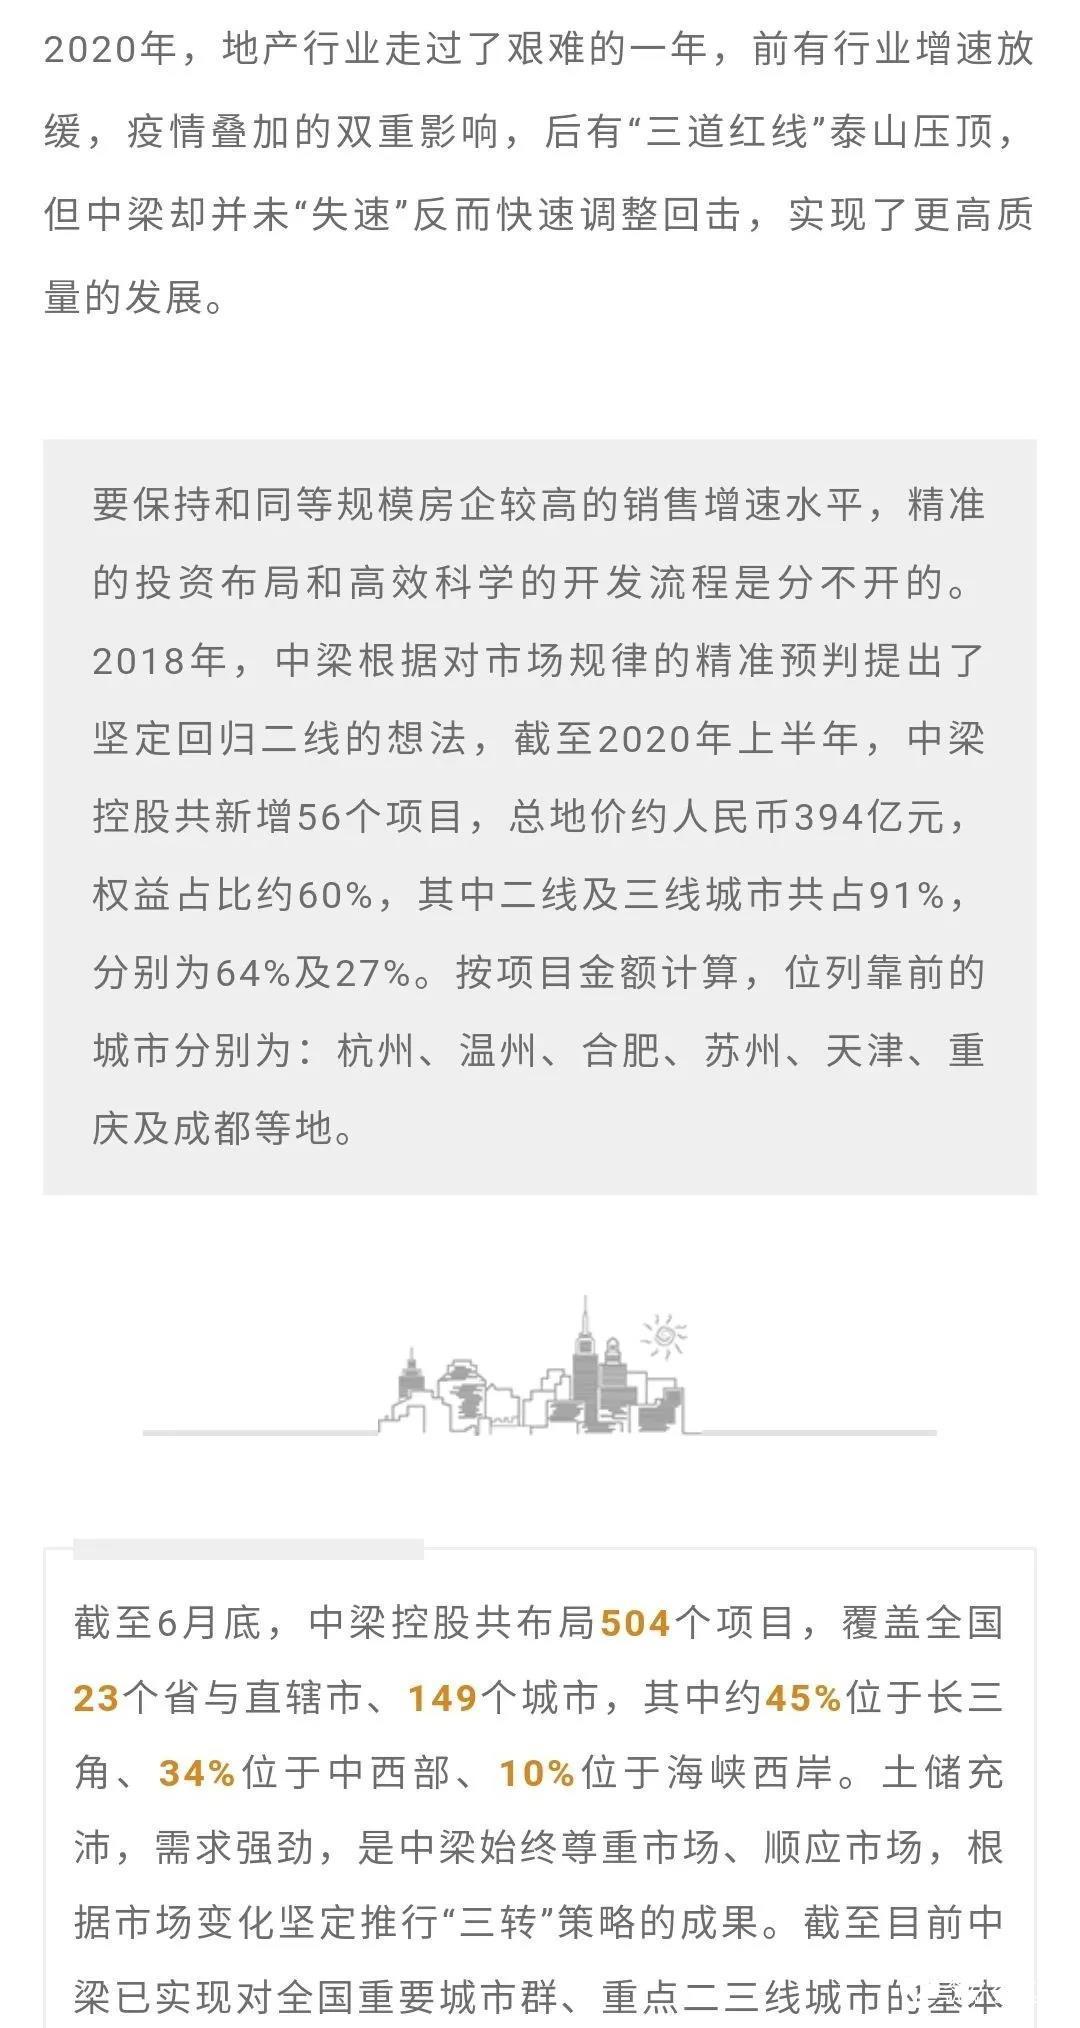 奔向2021 | 中梁控股业绩稳居行业20强